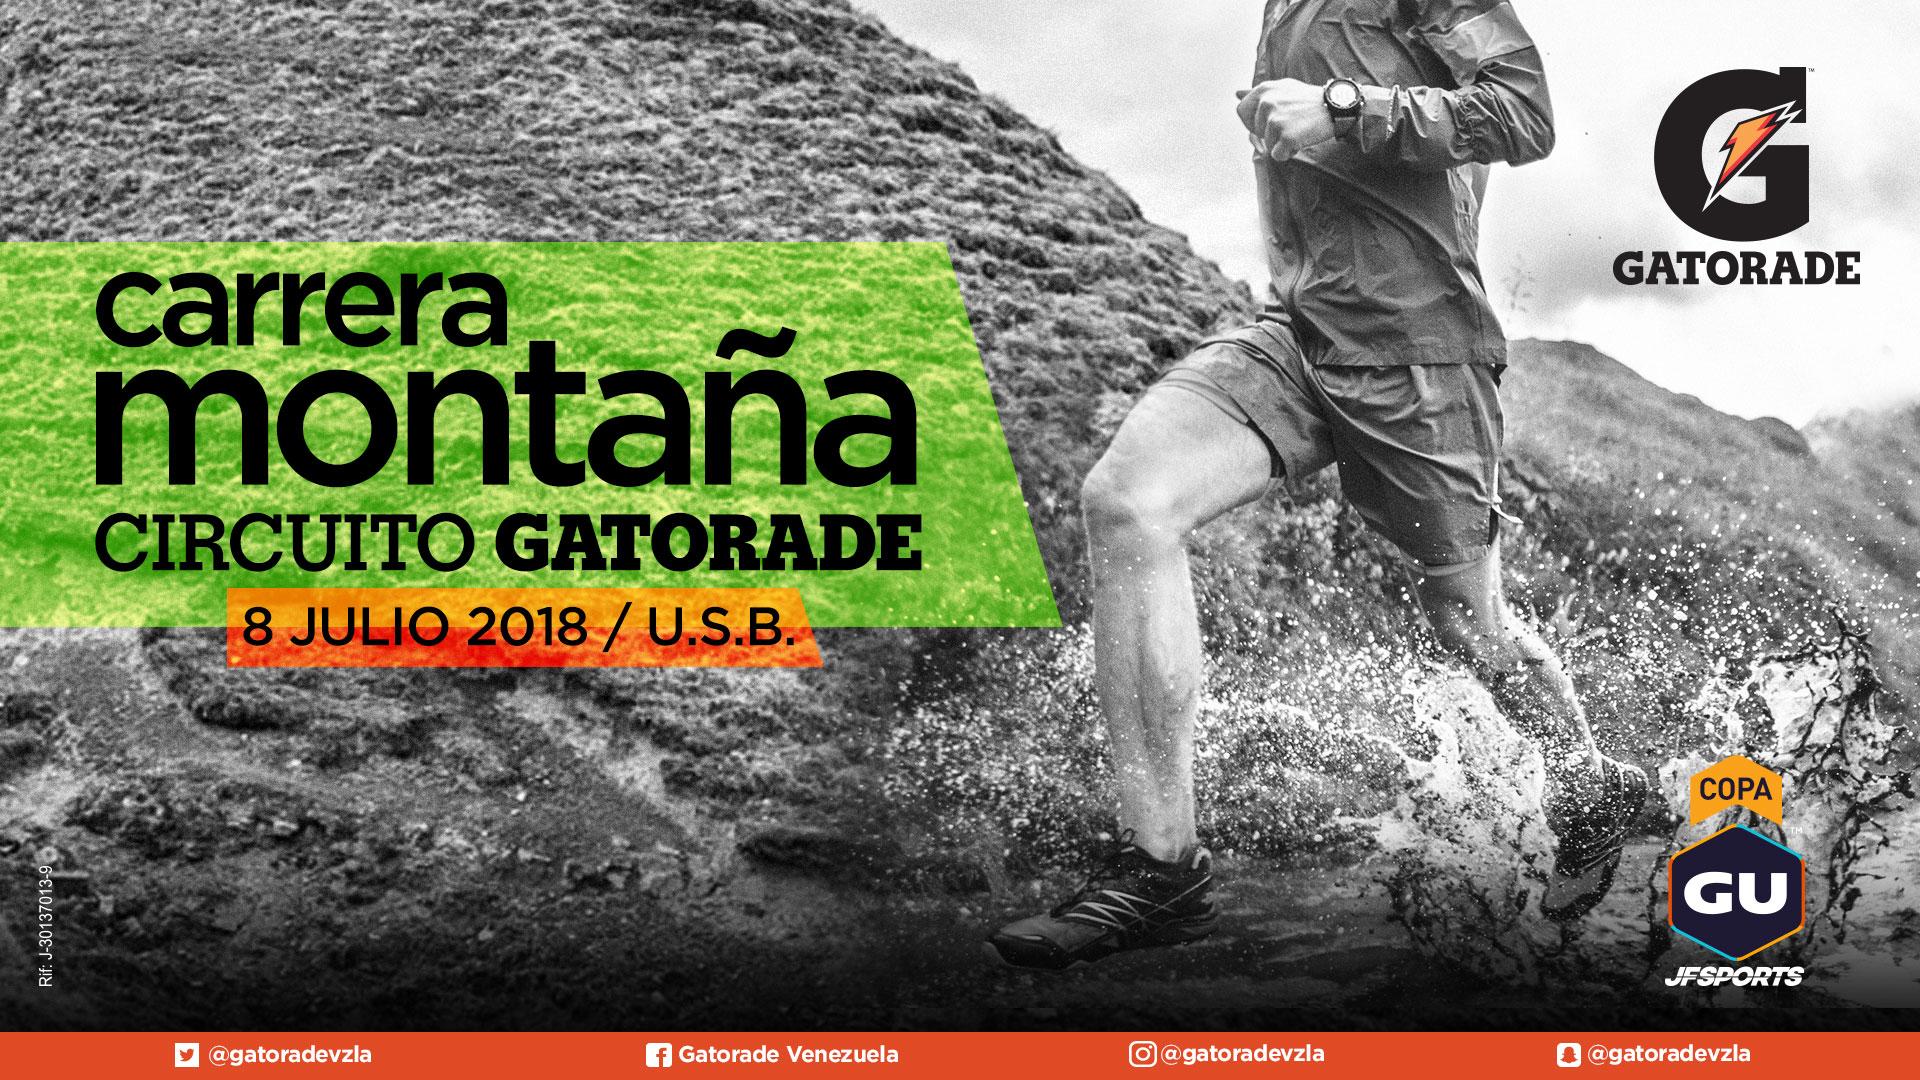 Carrera de Montaña Gatorade 2018 - Copa Gu JF Sports